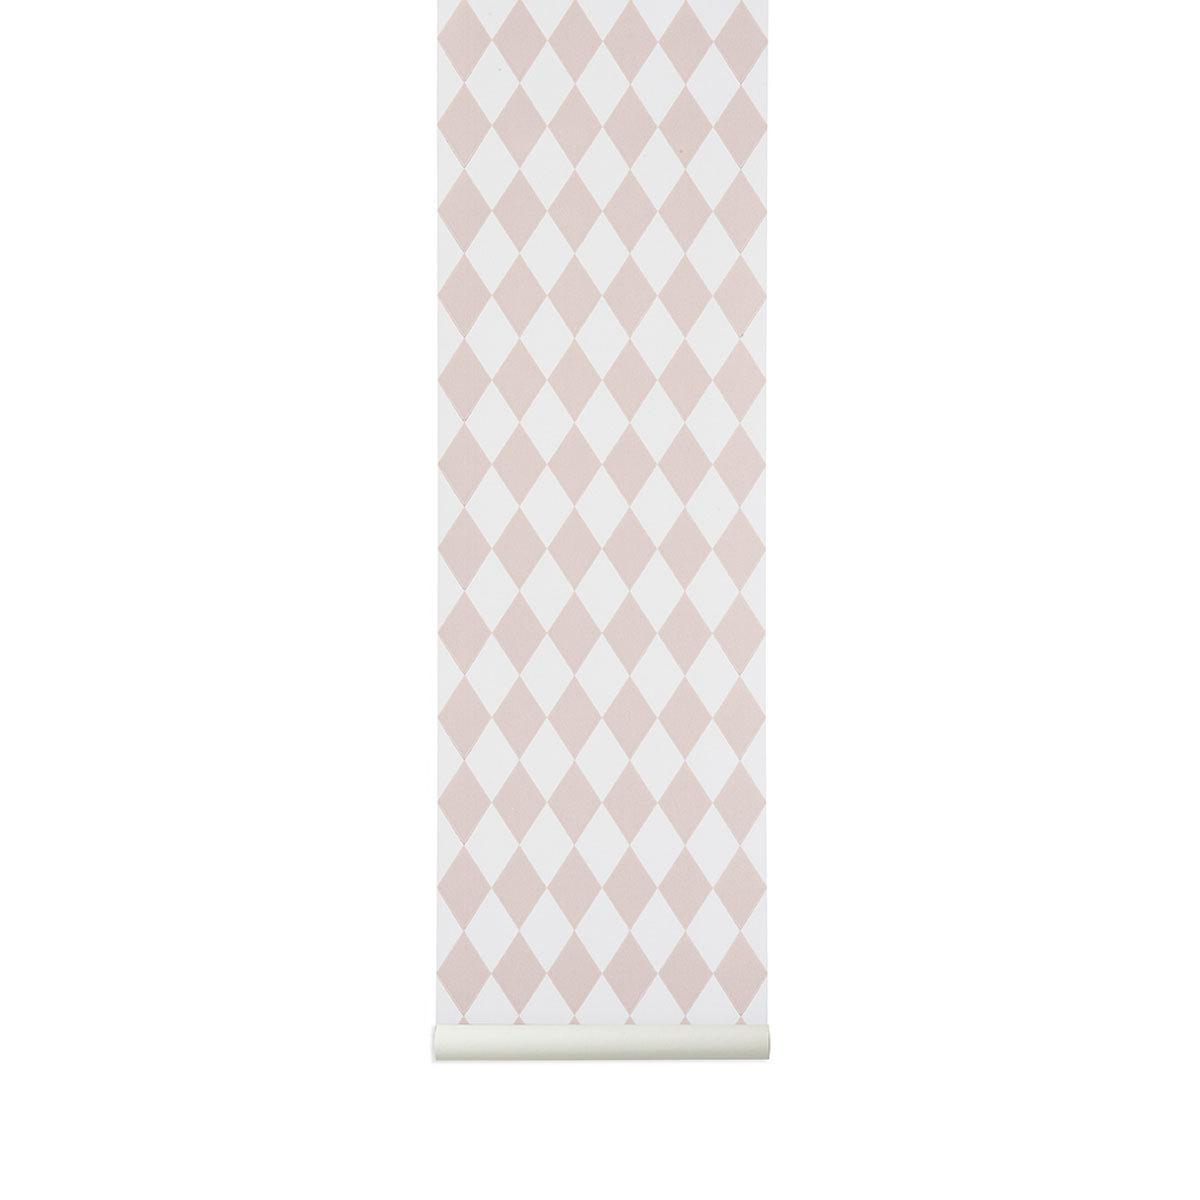 Papier peint Papier Peint Arlequin - Rose Papier Peint Arlequin - Rose